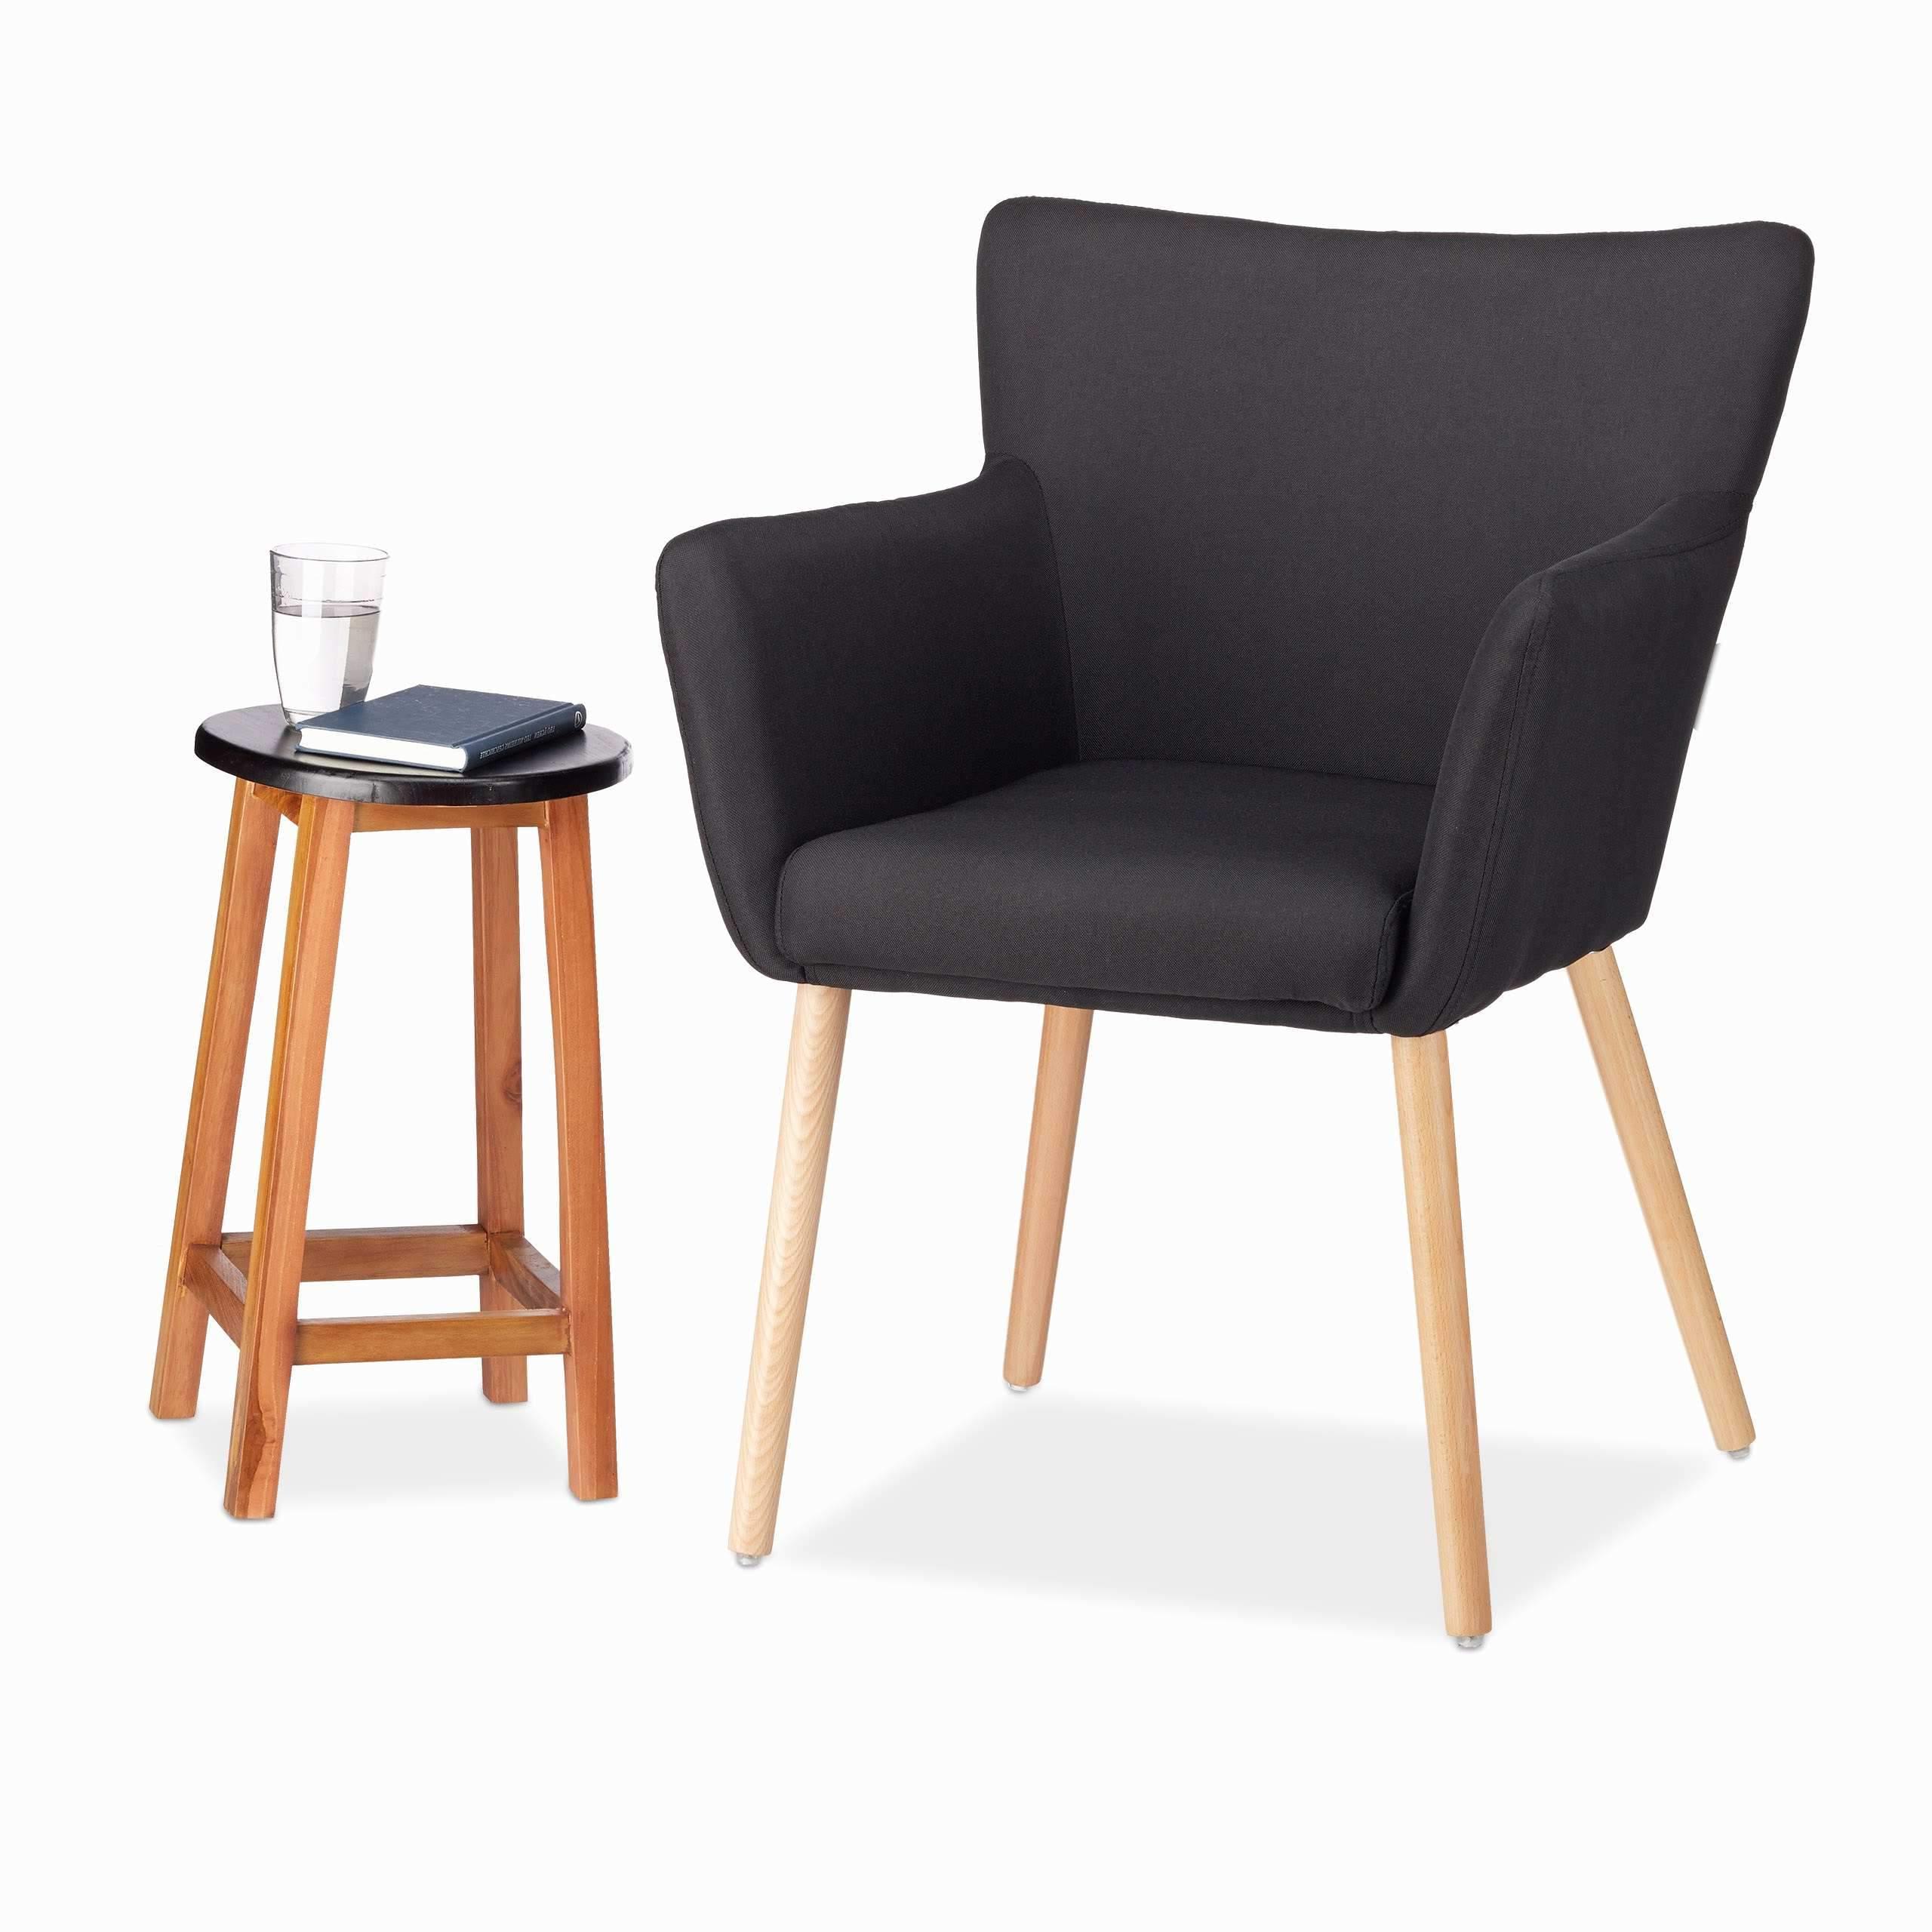 Full Size of Wohnzimmer Hocker Genial Sessel Mit Hocker Modern 40 Inspiration Wohnzimmer Wohnzimmer Sessel